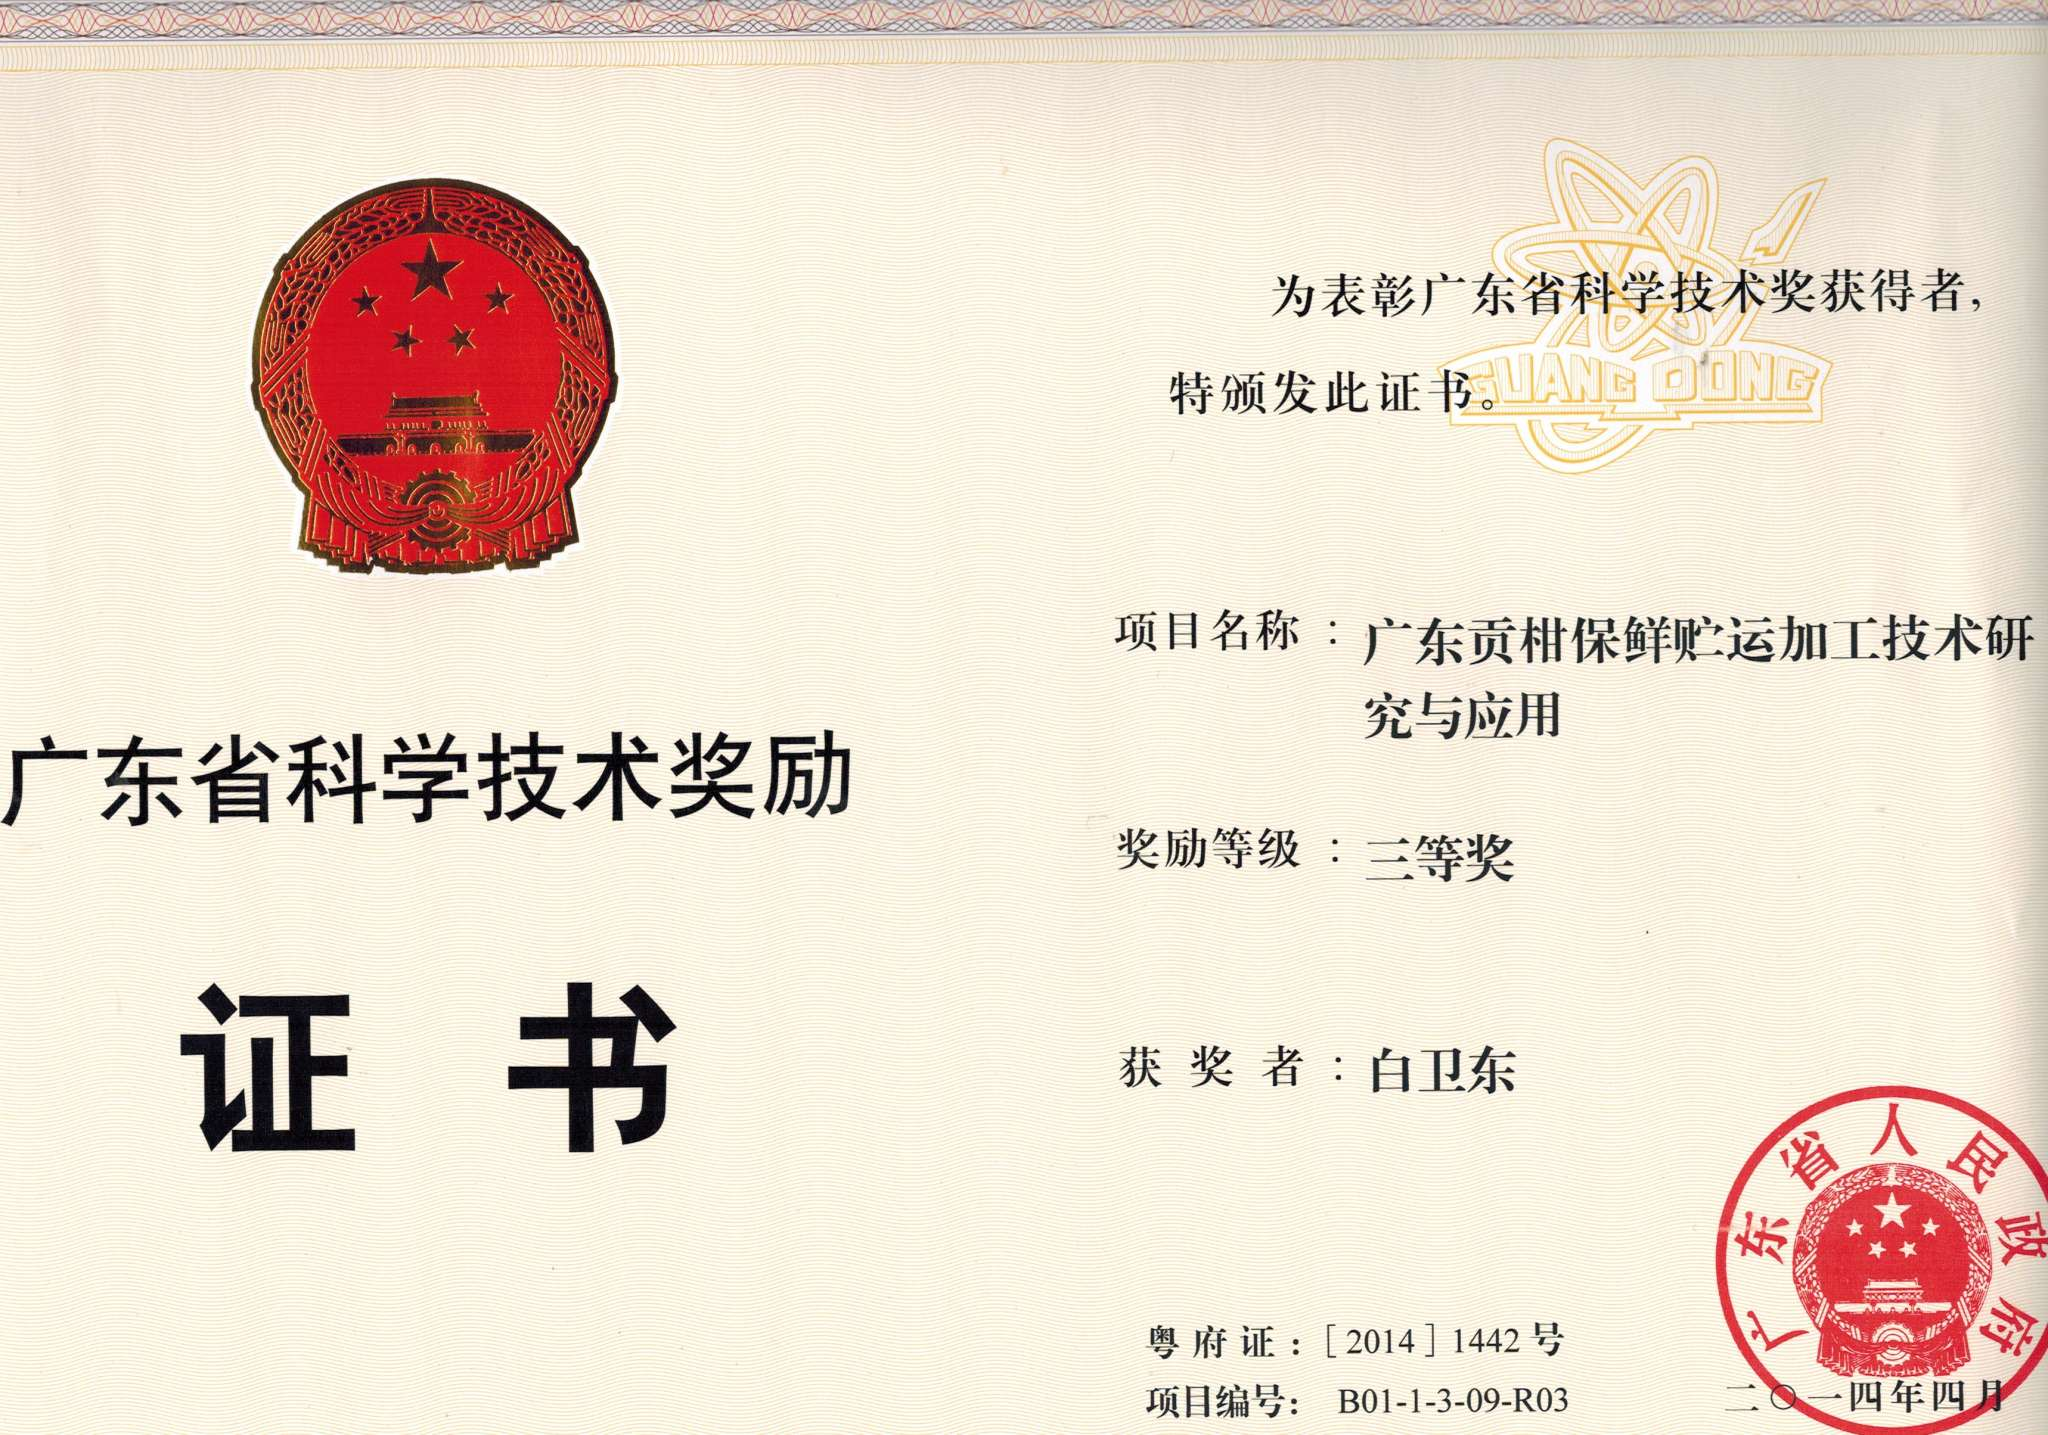 广东贡柑保鲜贮运加工技术研究与应用三等奖—白卫东